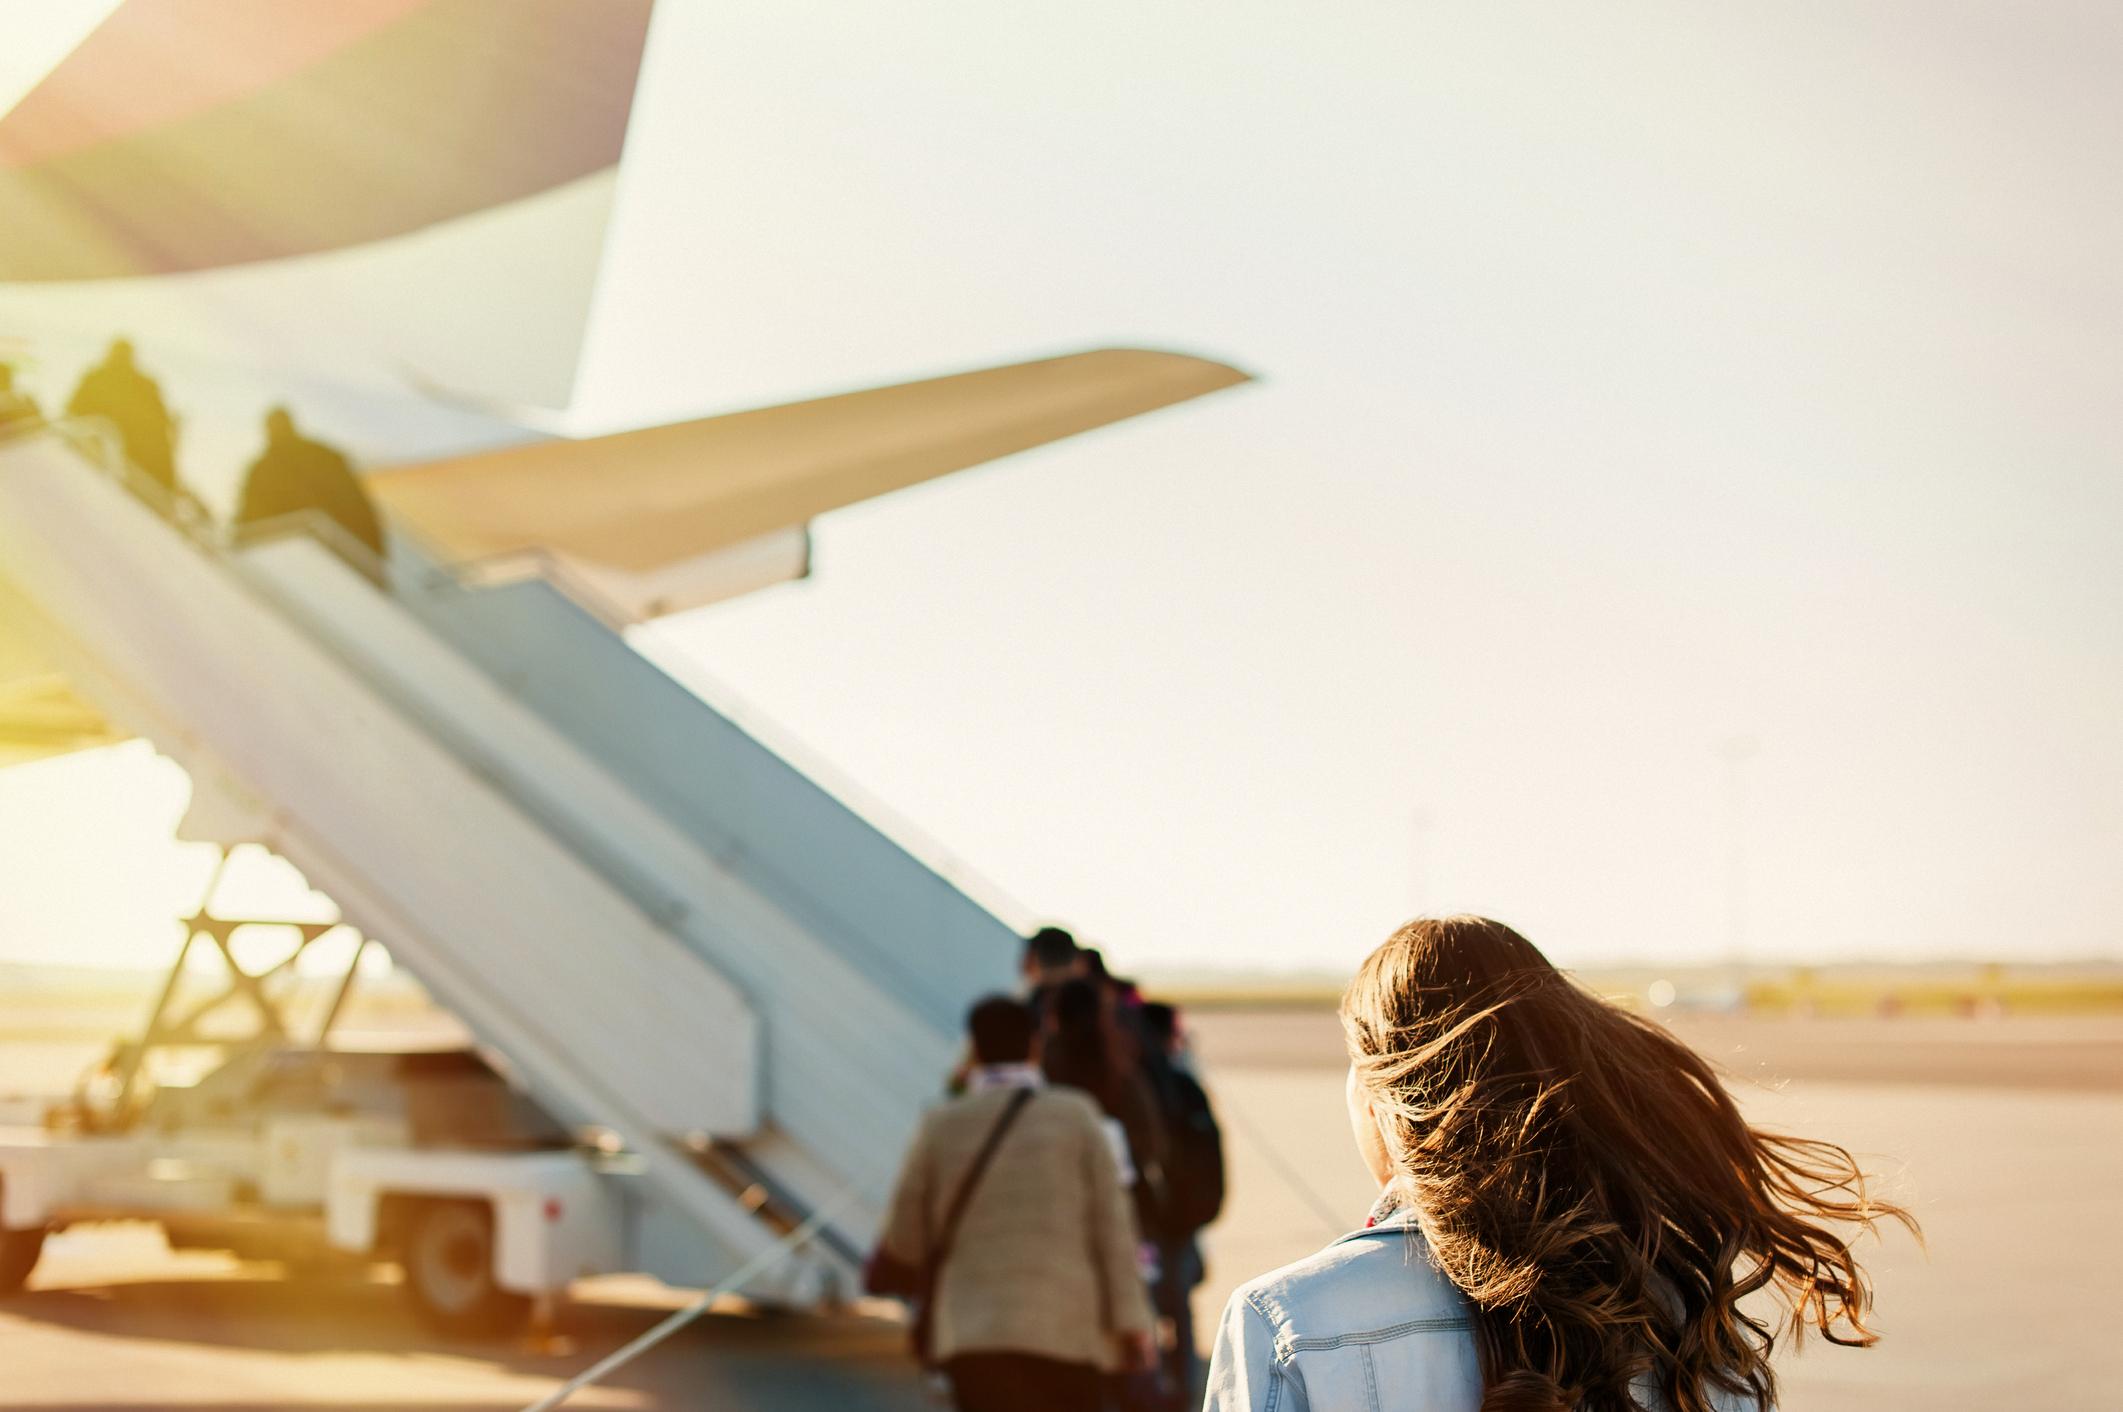 donna sull'asfalto che si imbarca su un aereo